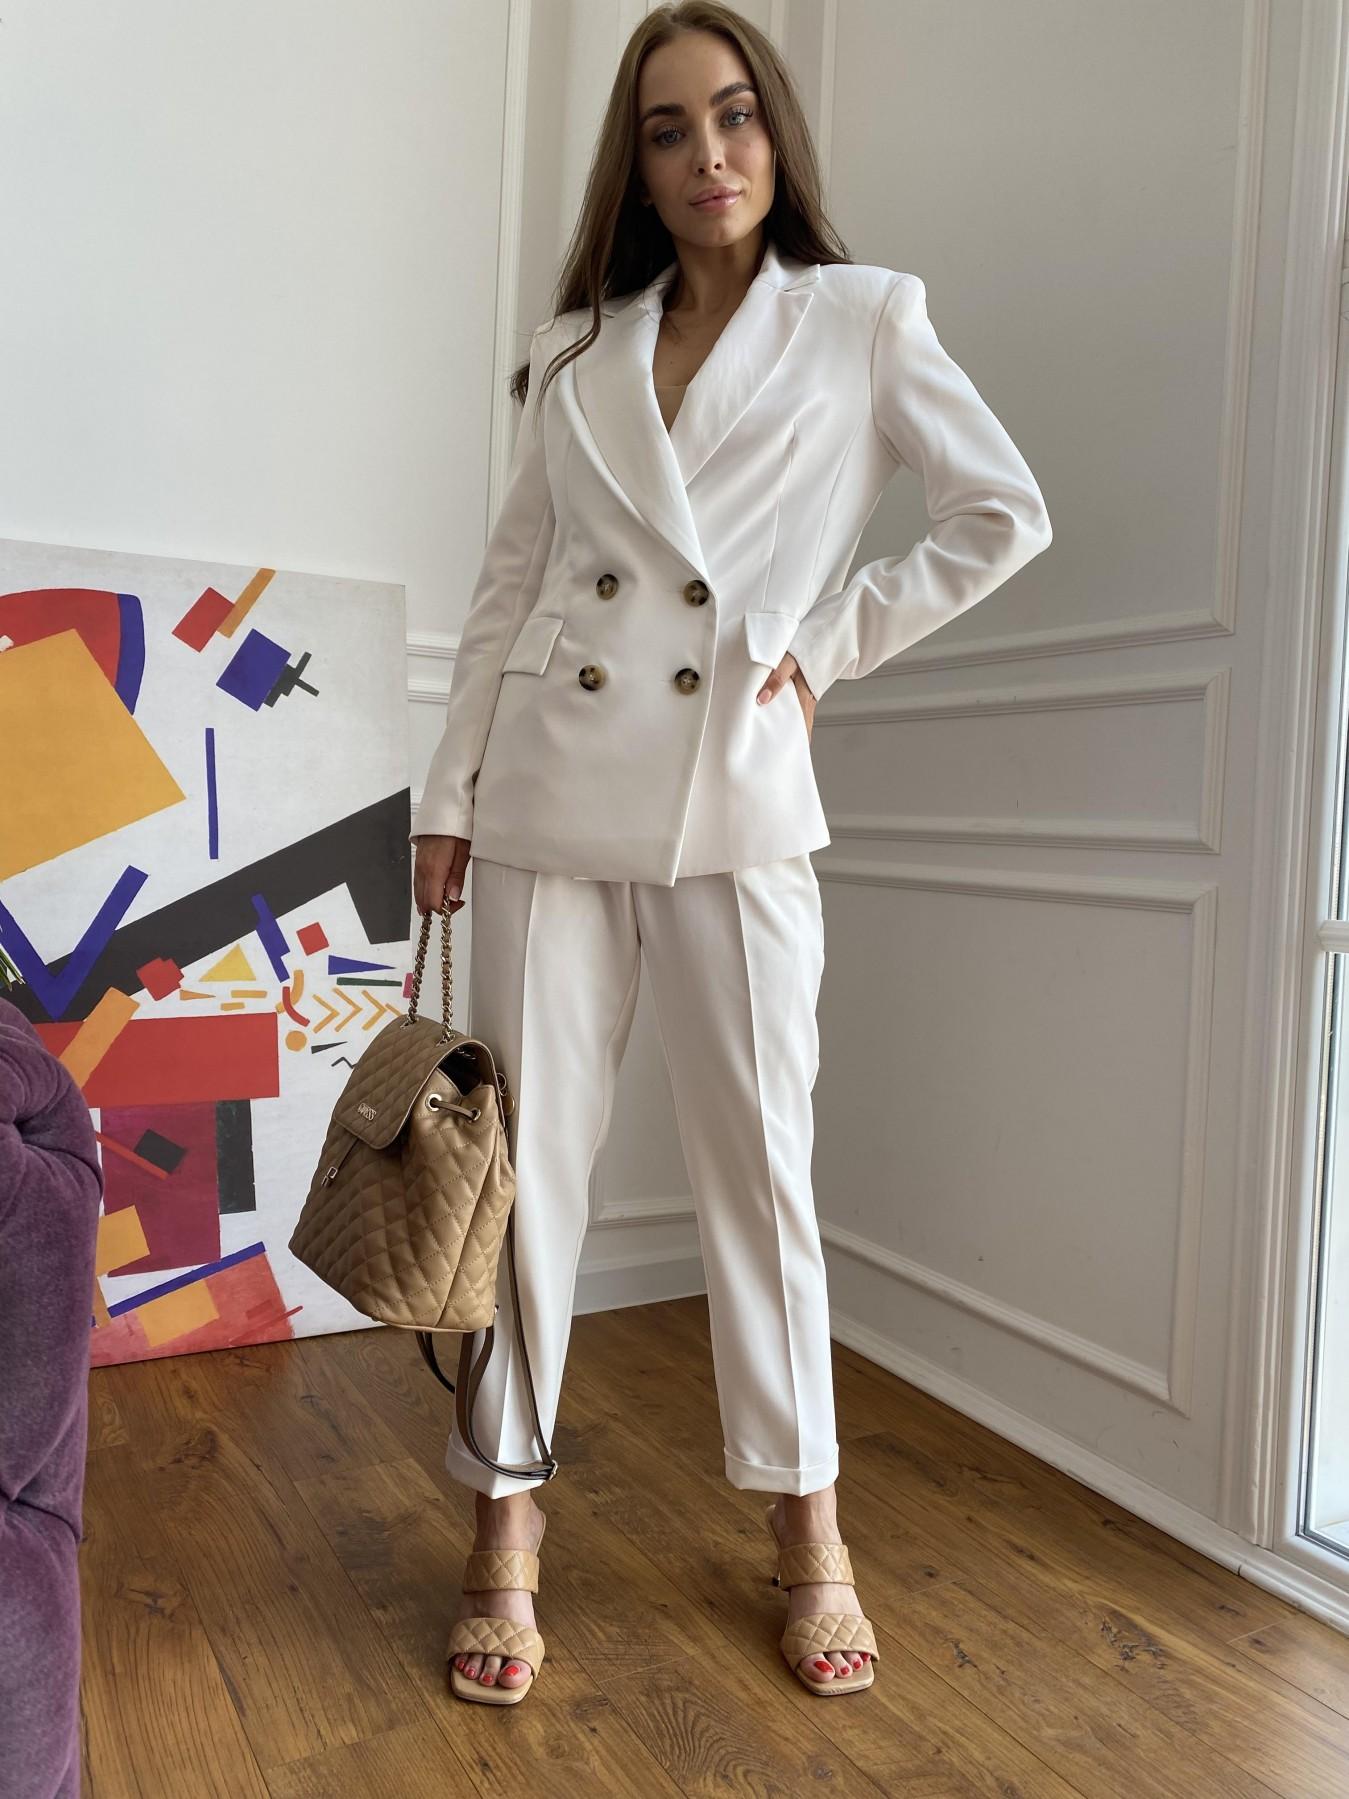 Франко деловой костюм из костюмной ткани 11090 АРТ. 47860 Цвет: Молоко 1 - фото 1, интернет магазин tm-modus.ru